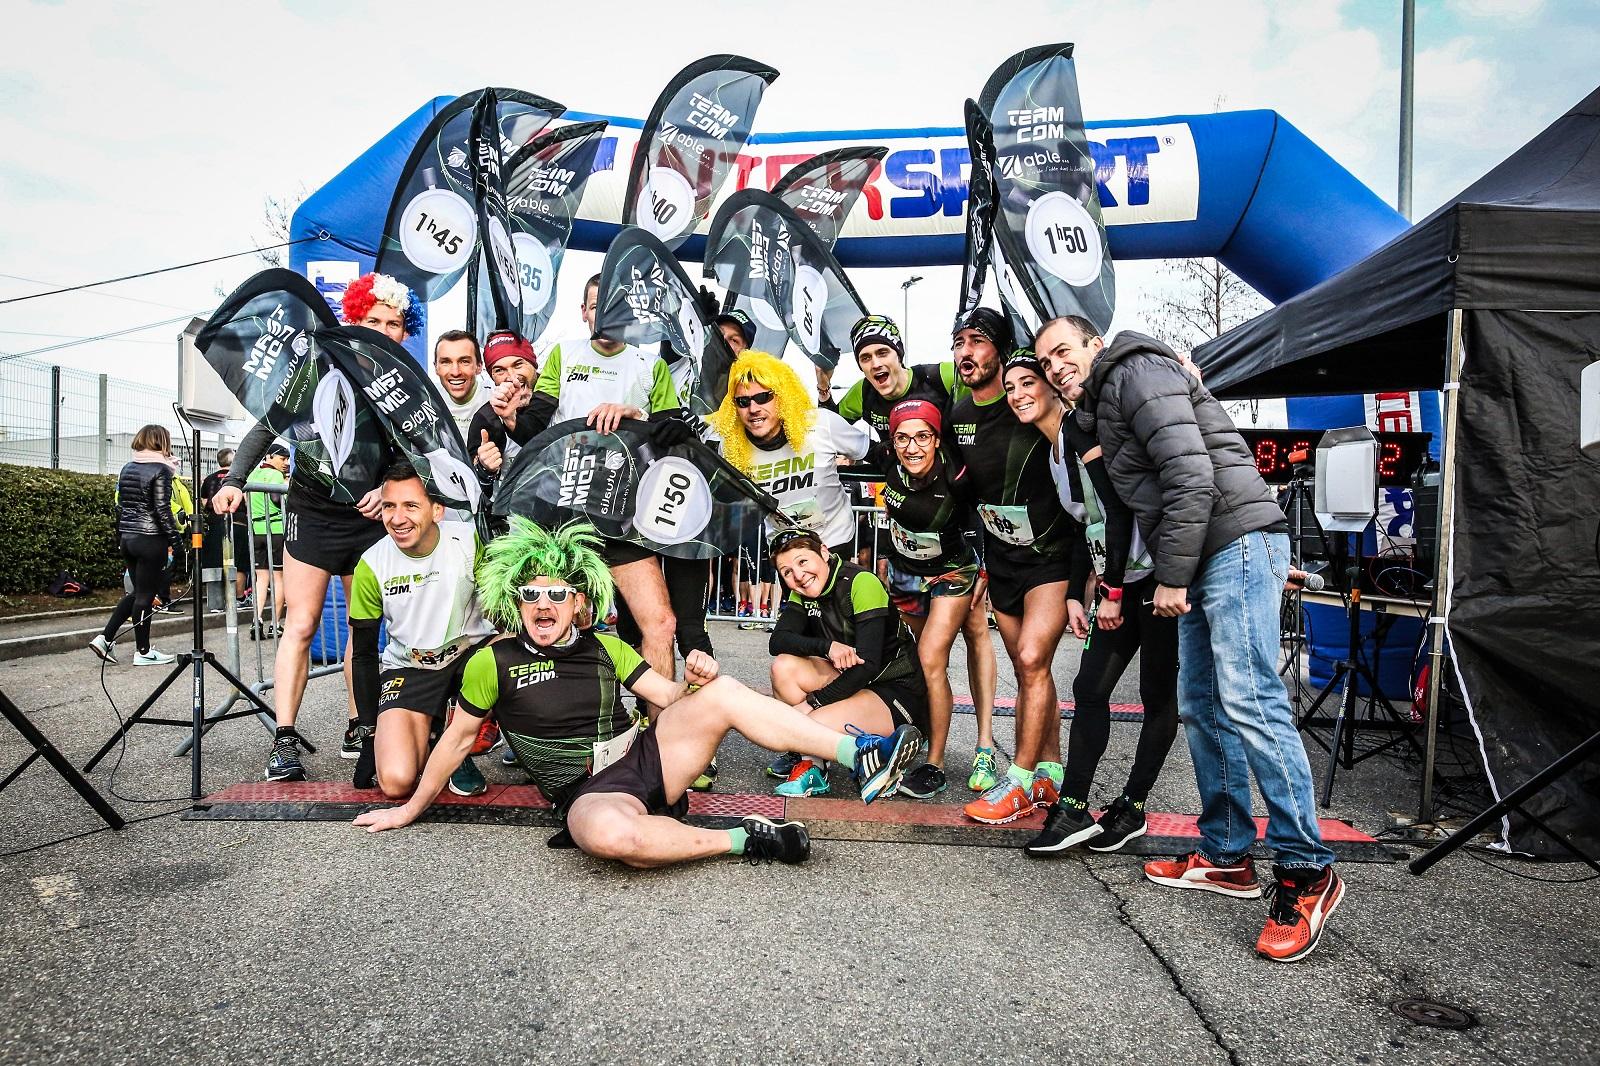 Cyclistes de Run Go Fit, clubs locaux et/ou véhicules électriques